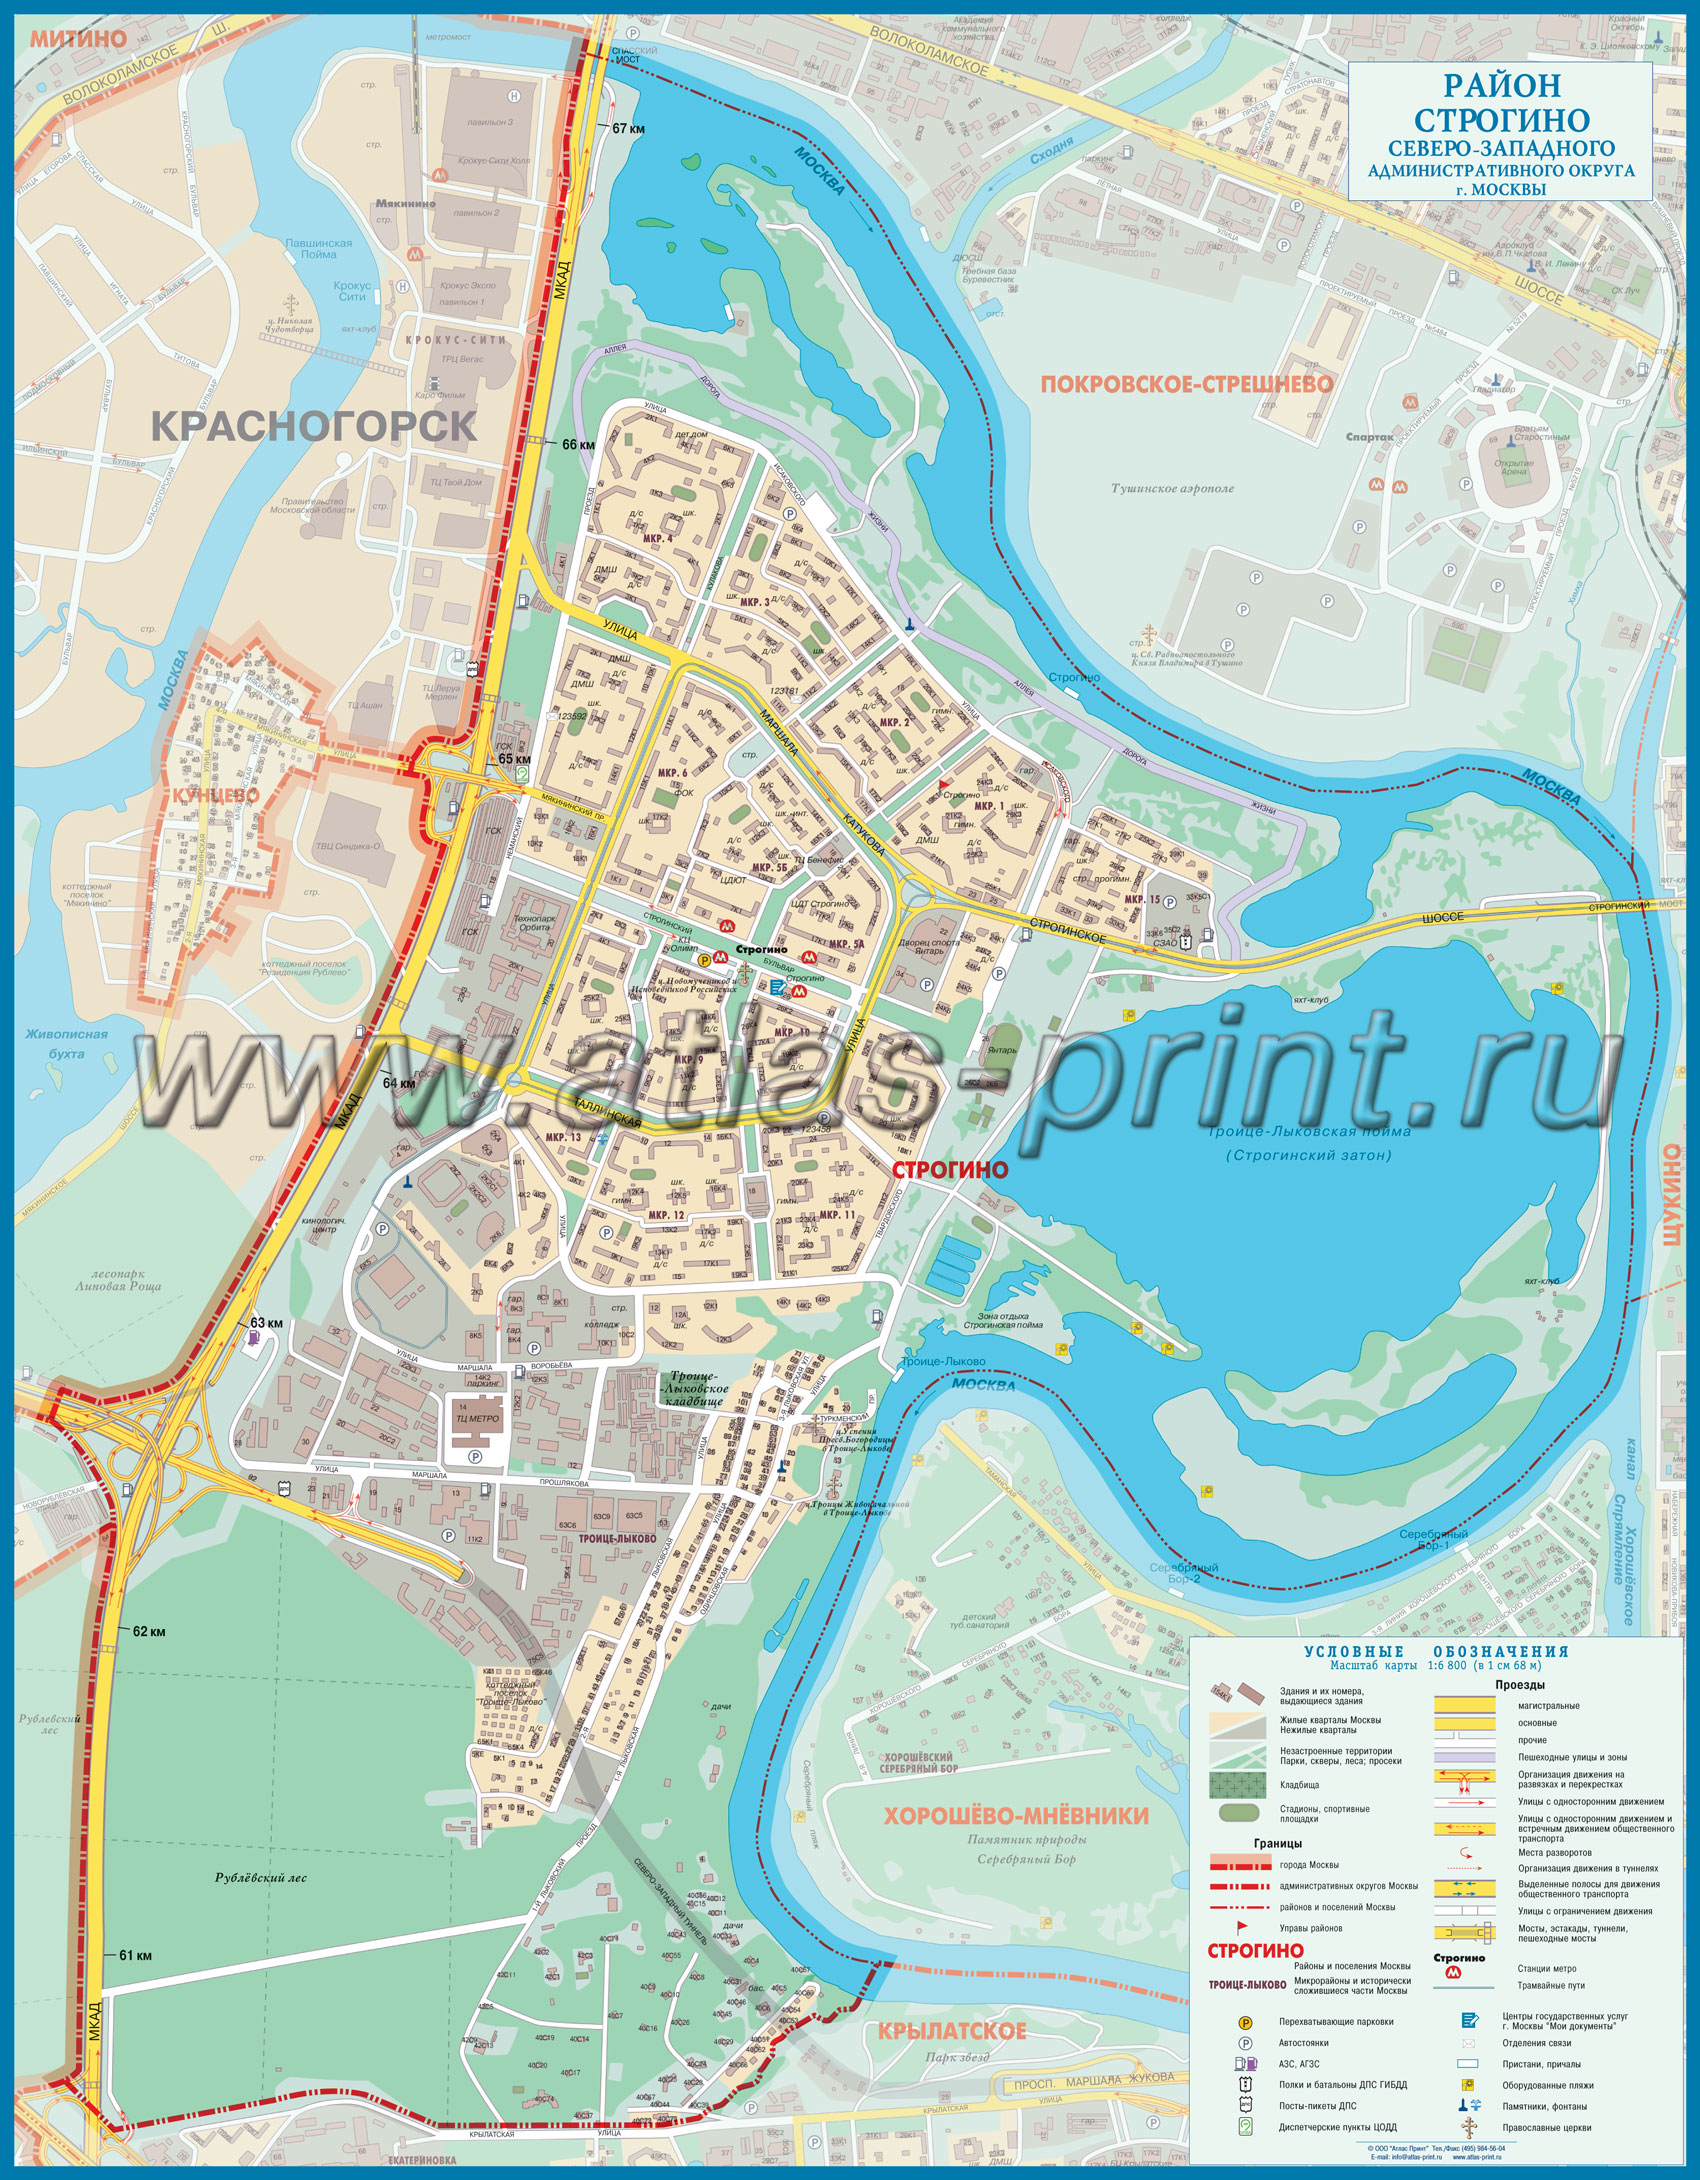 Настенная карта района Строгино г. Москвы 0,78*1,00 м, ламинированная